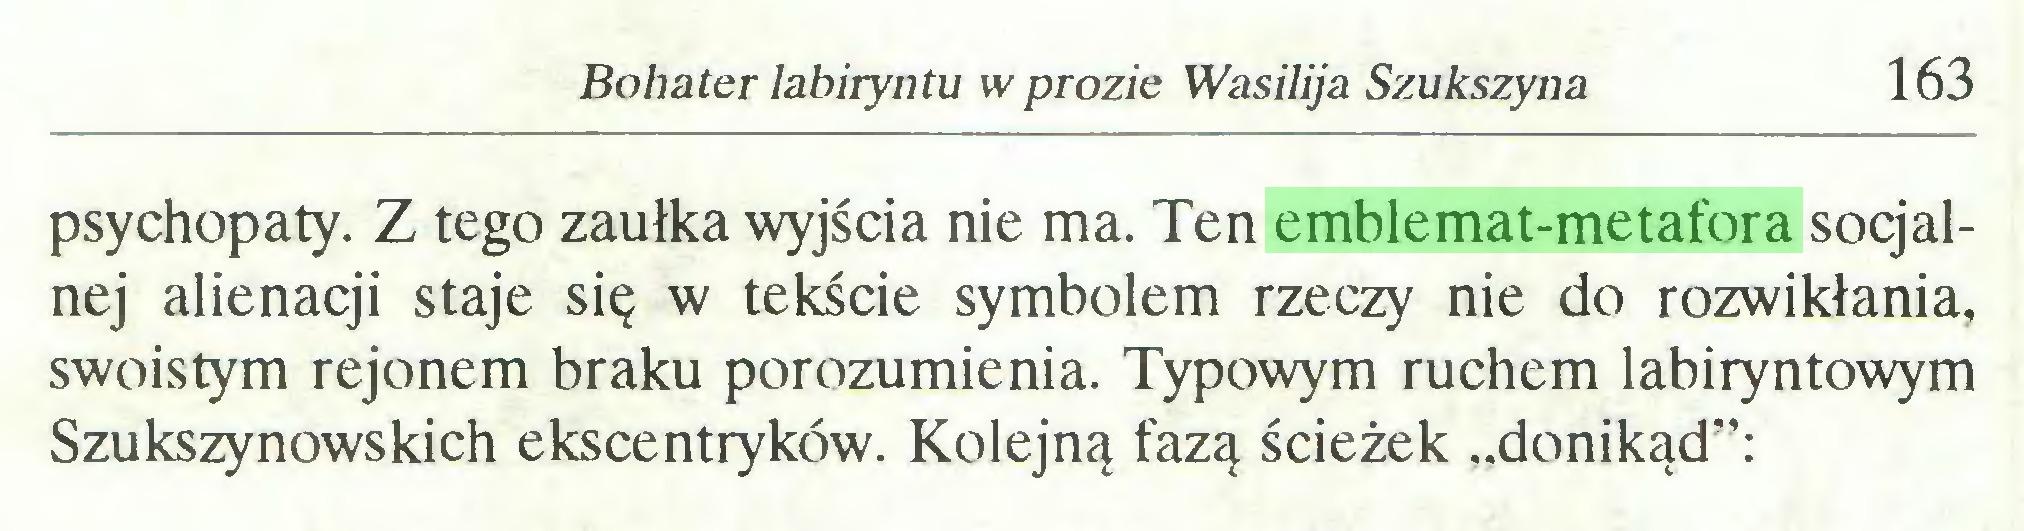 """(...) Bohater labiryntu w prozie Wasilija Szukszyna 163 psychopaty. Z tego zaułka wyjścia nie ma. Ten emblemat-metafora socjalnej alienacji staje się w tekście symbolem rzeczy nie do rozwikłania, swoistym rejonem braku porozumienia. Typowym ruchem labiryntowym Szukszynowskich ekscentryków. Kolejną fazą ścieżek """"donikąd"""":..."""